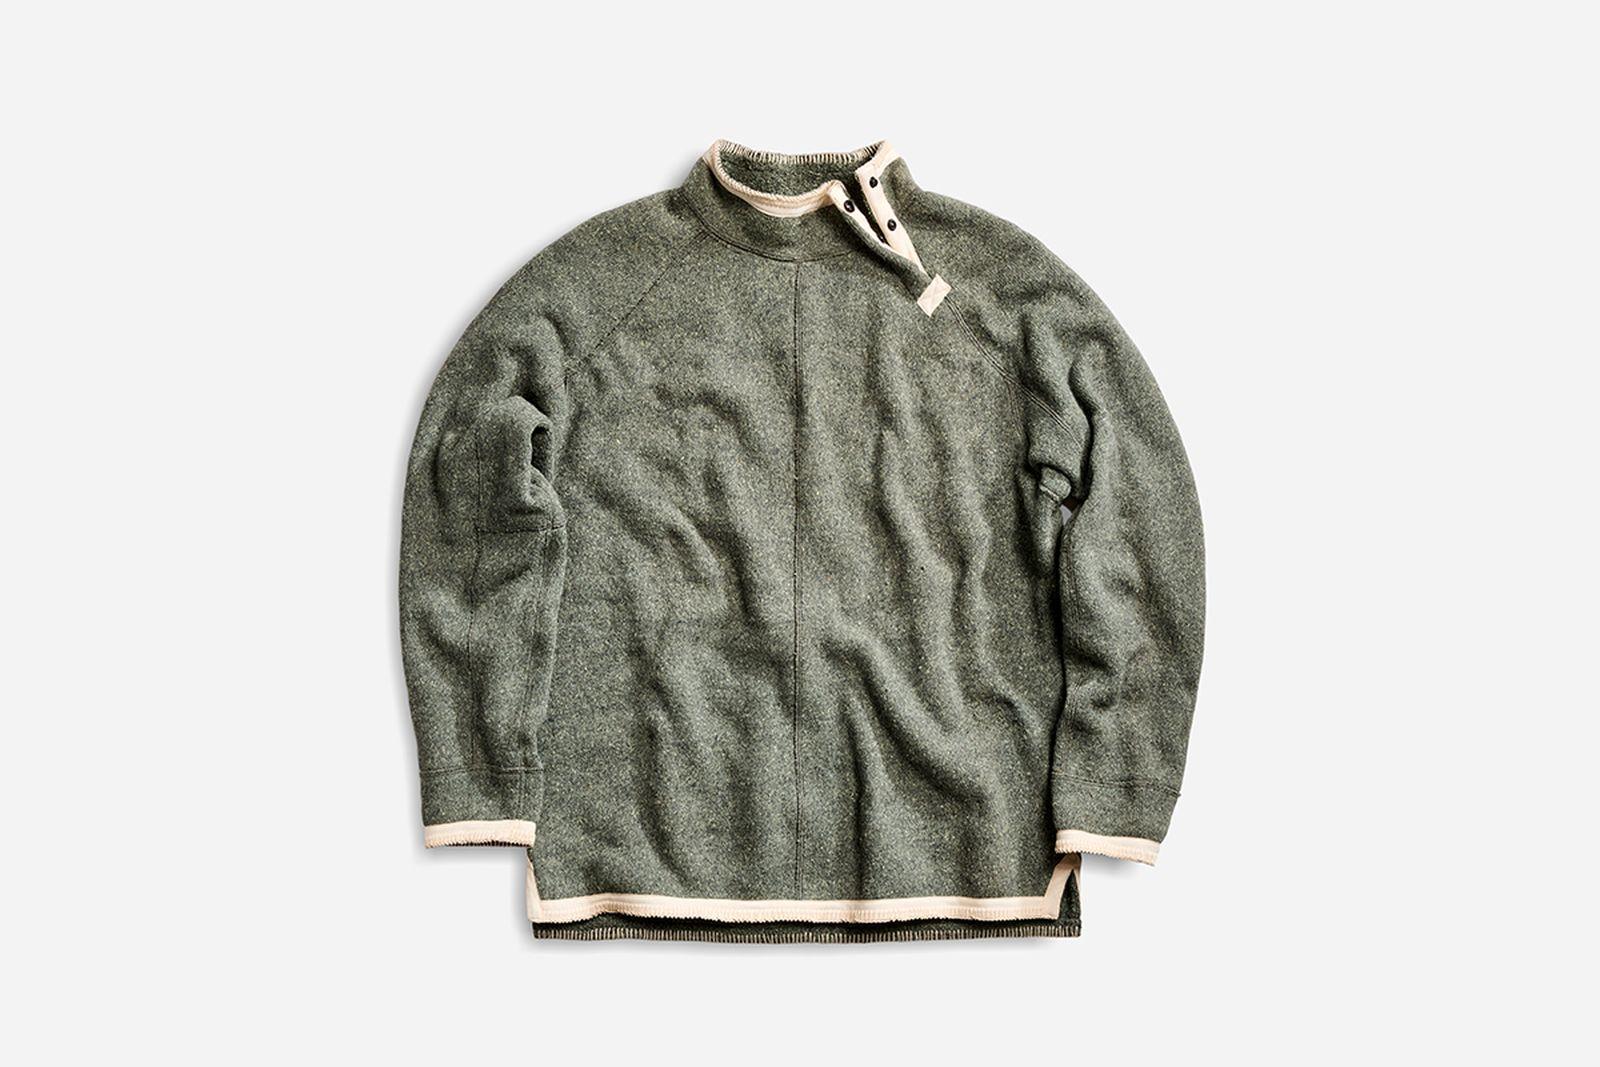 vollebak-garbage-sweater-04